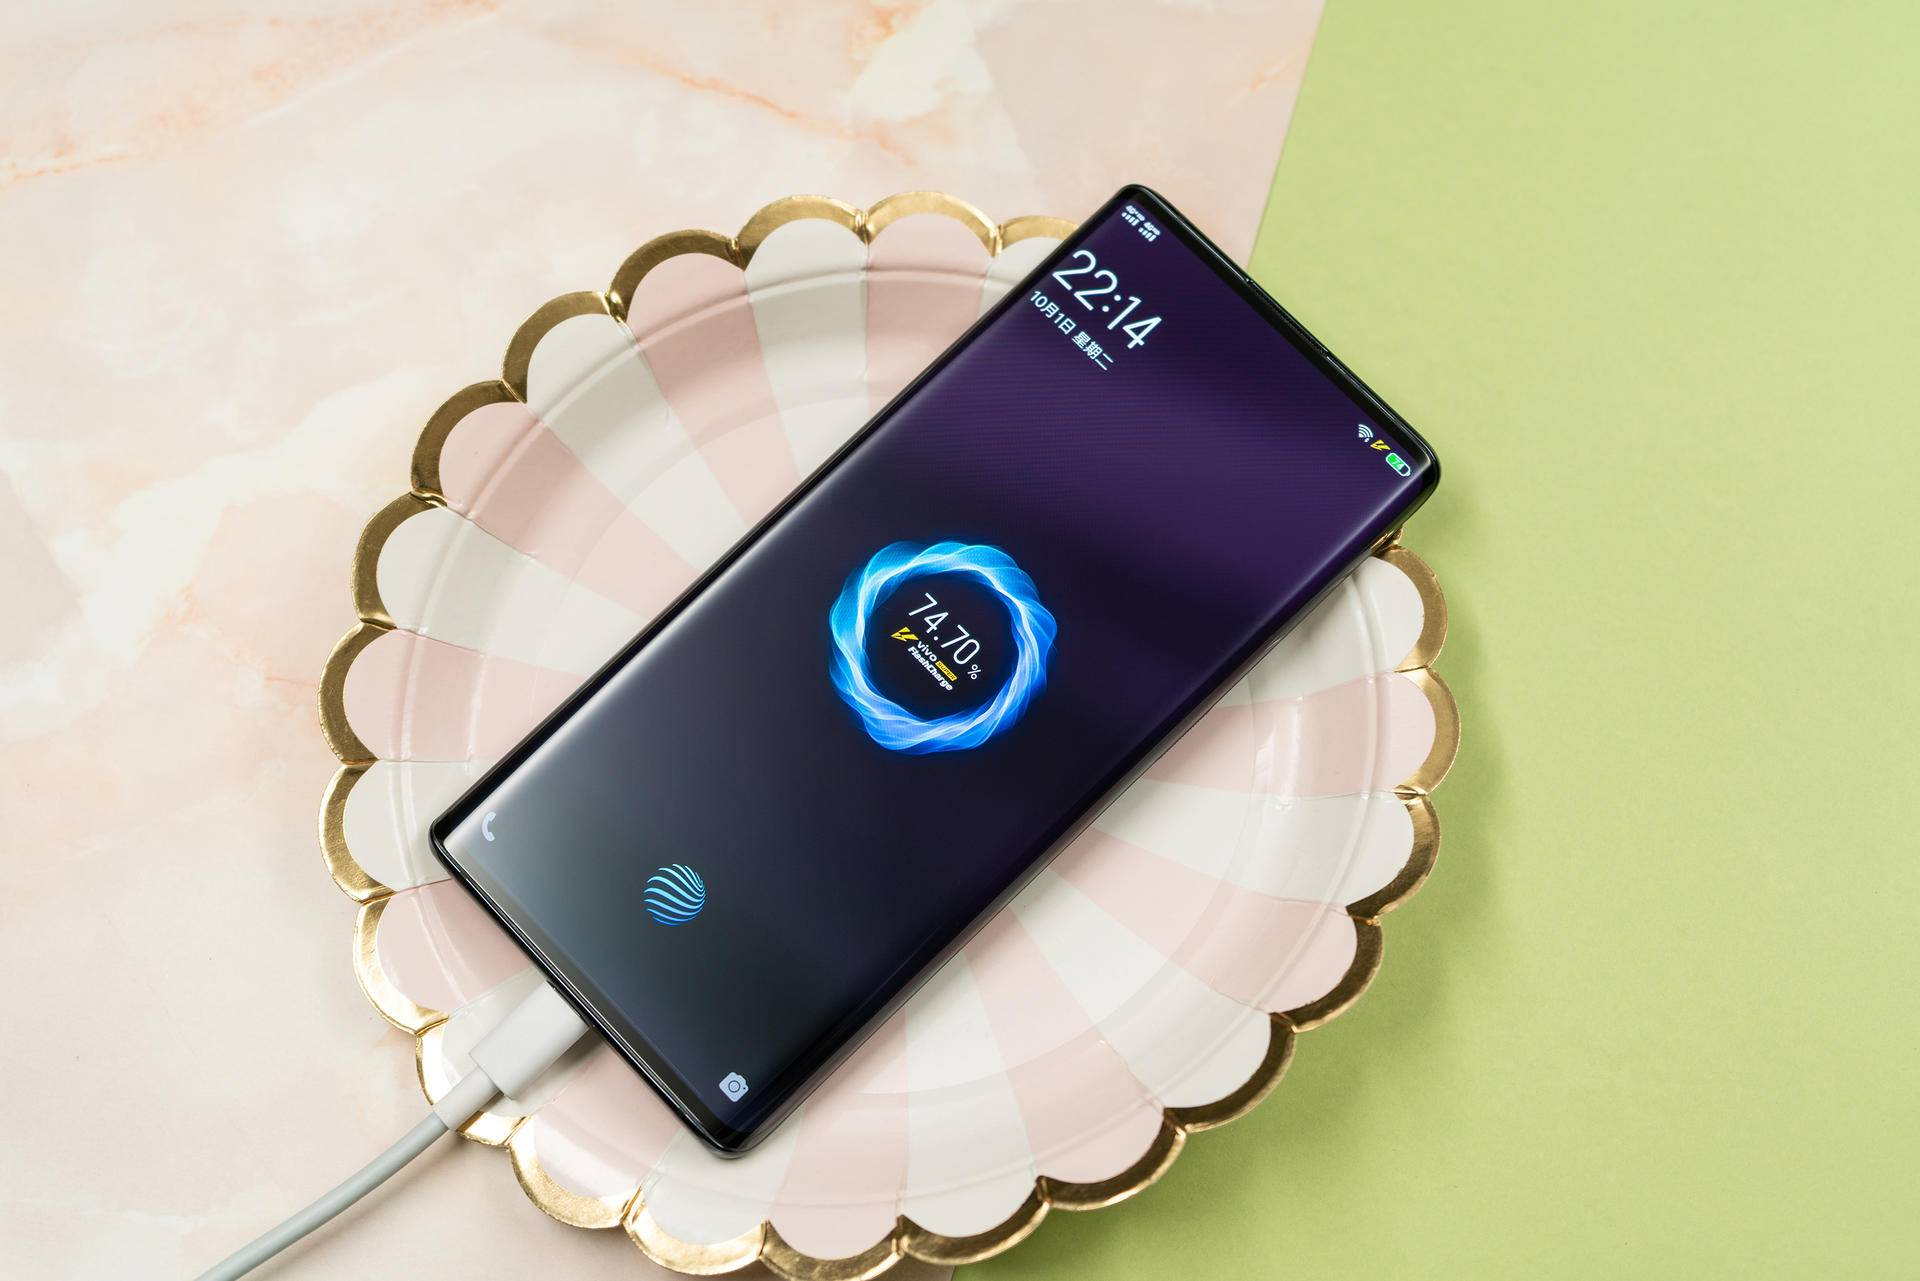 NEX 3 5G设计力压iPhone 11 Pro,外媒发评测长文为其点赞